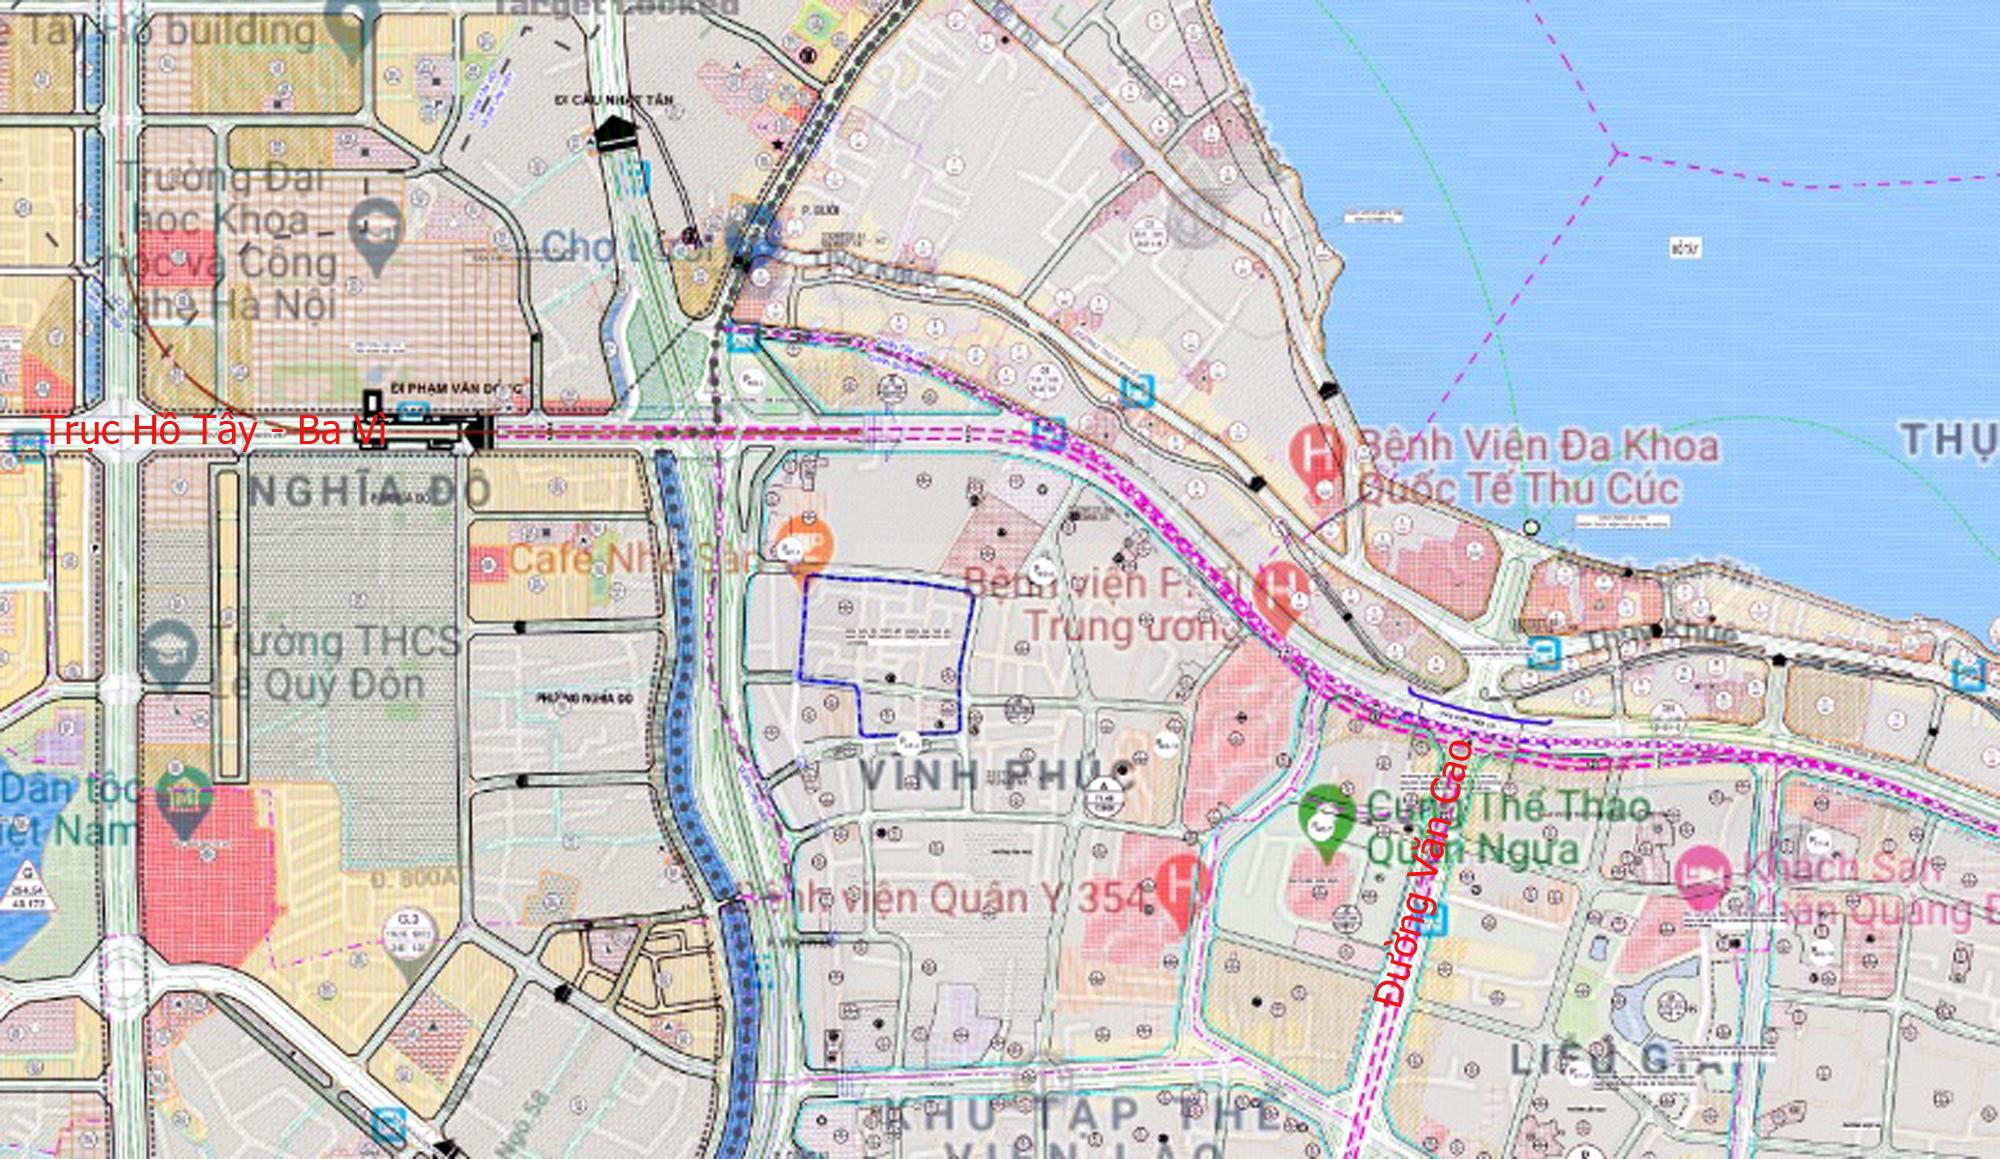 Đường sẽ mở theo qui hoạch ở Hà Nội: Toàn cảnh trục Hồ Tây - Ba Vì đến Vành đai 4 - Ảnh 2.